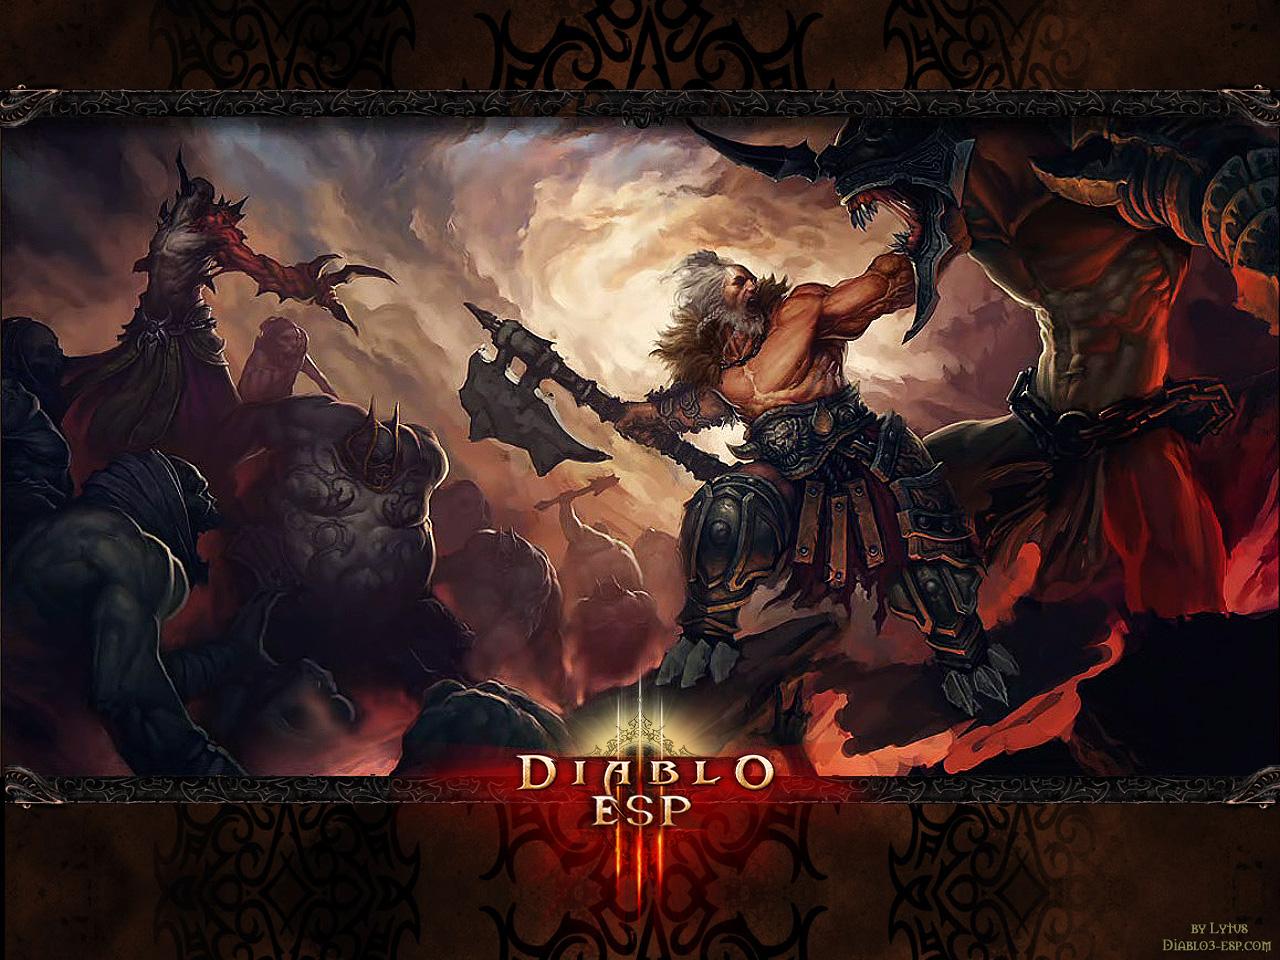 Diablo 3   Barbarian Wallpaper by Lythus 1280x960